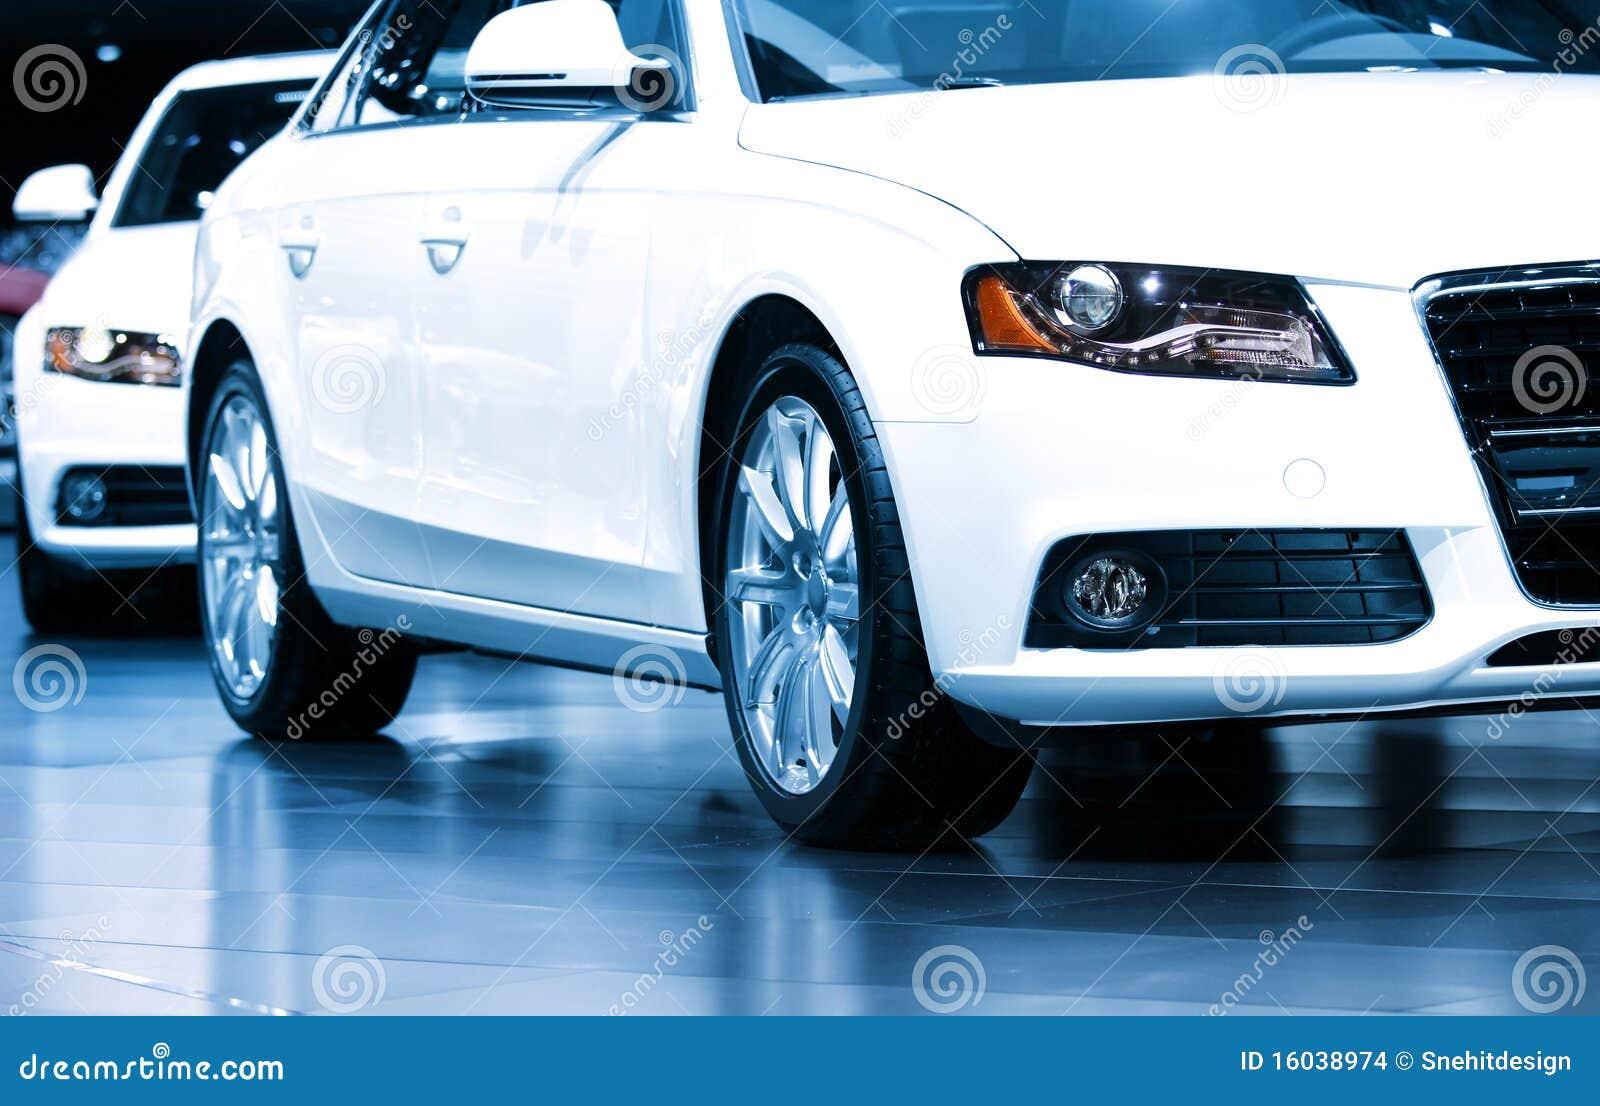 De sportwagens van de luxe